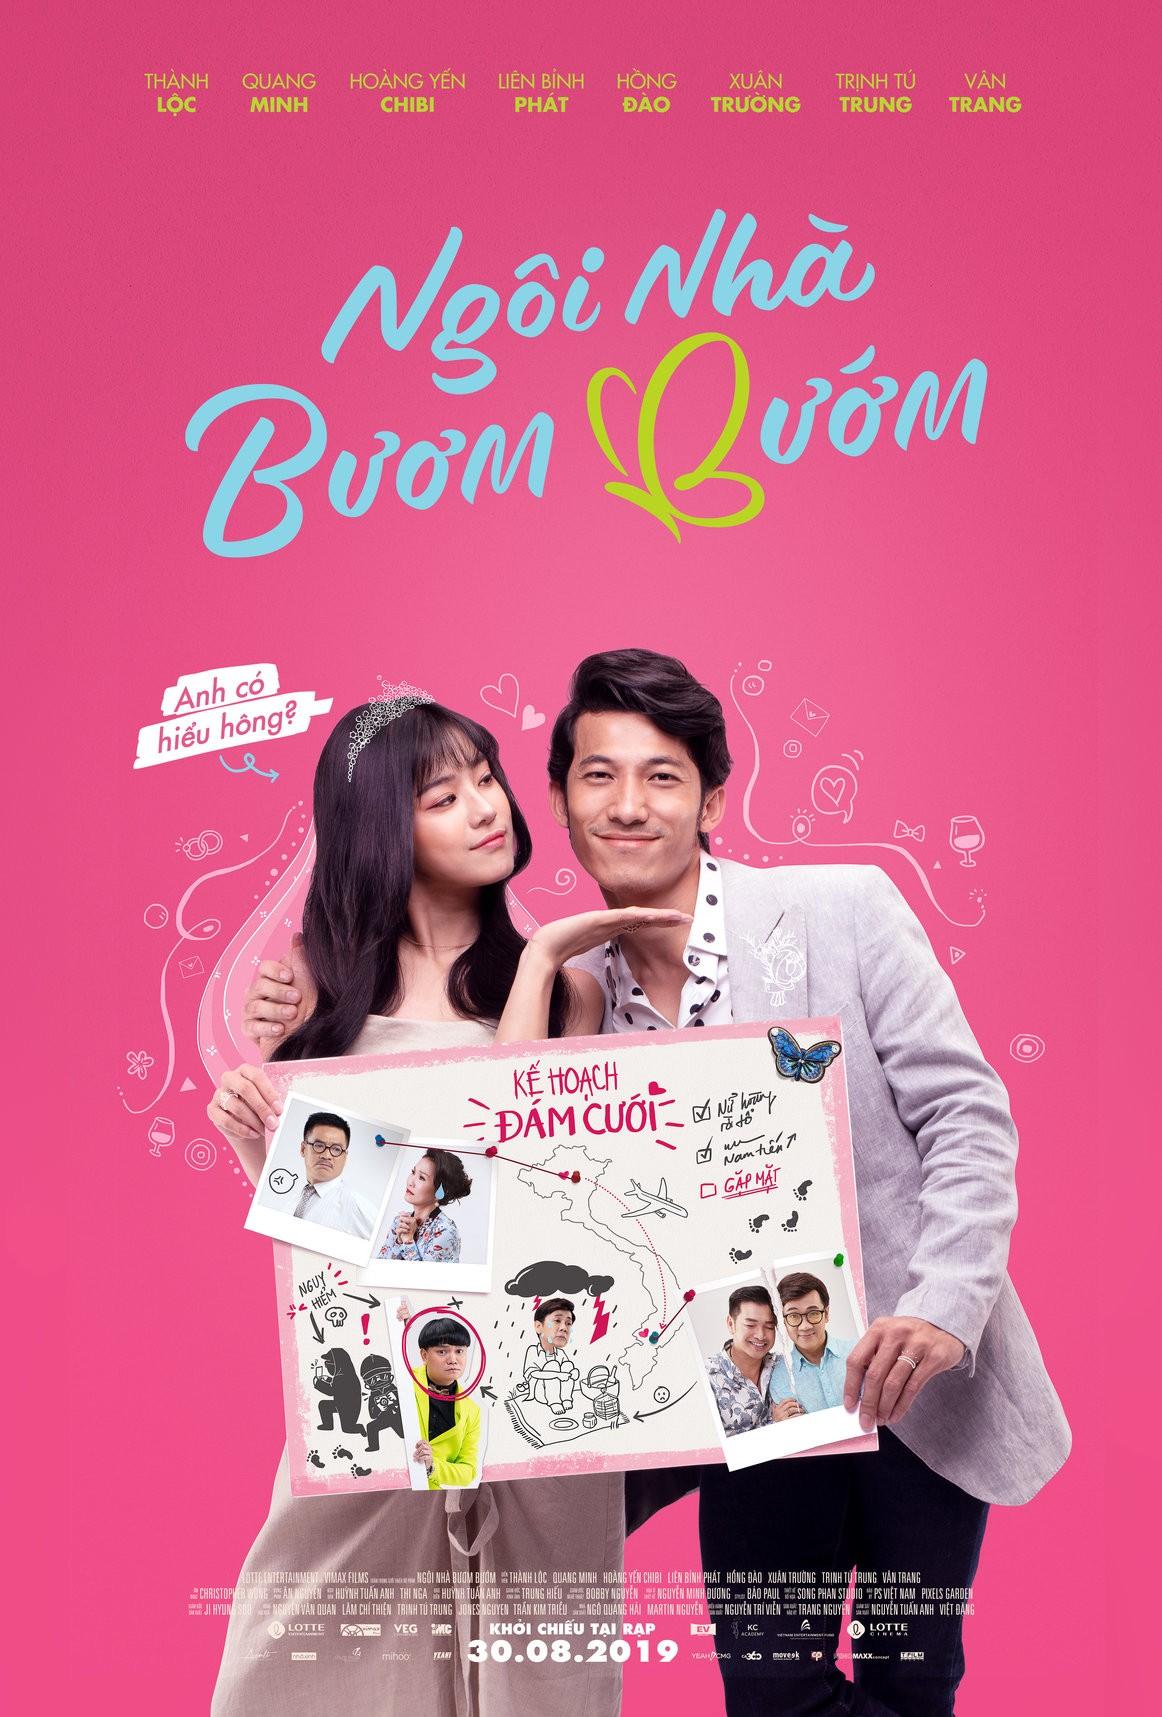 Trước khi cầm nhầm nhạc Noo Phước Thịnh, đạo diễn Huỳnh Tuấn Anh từng dính phốt dùng ảnh chưa xin phép ở Phượng Khấu - Ảnh 4.